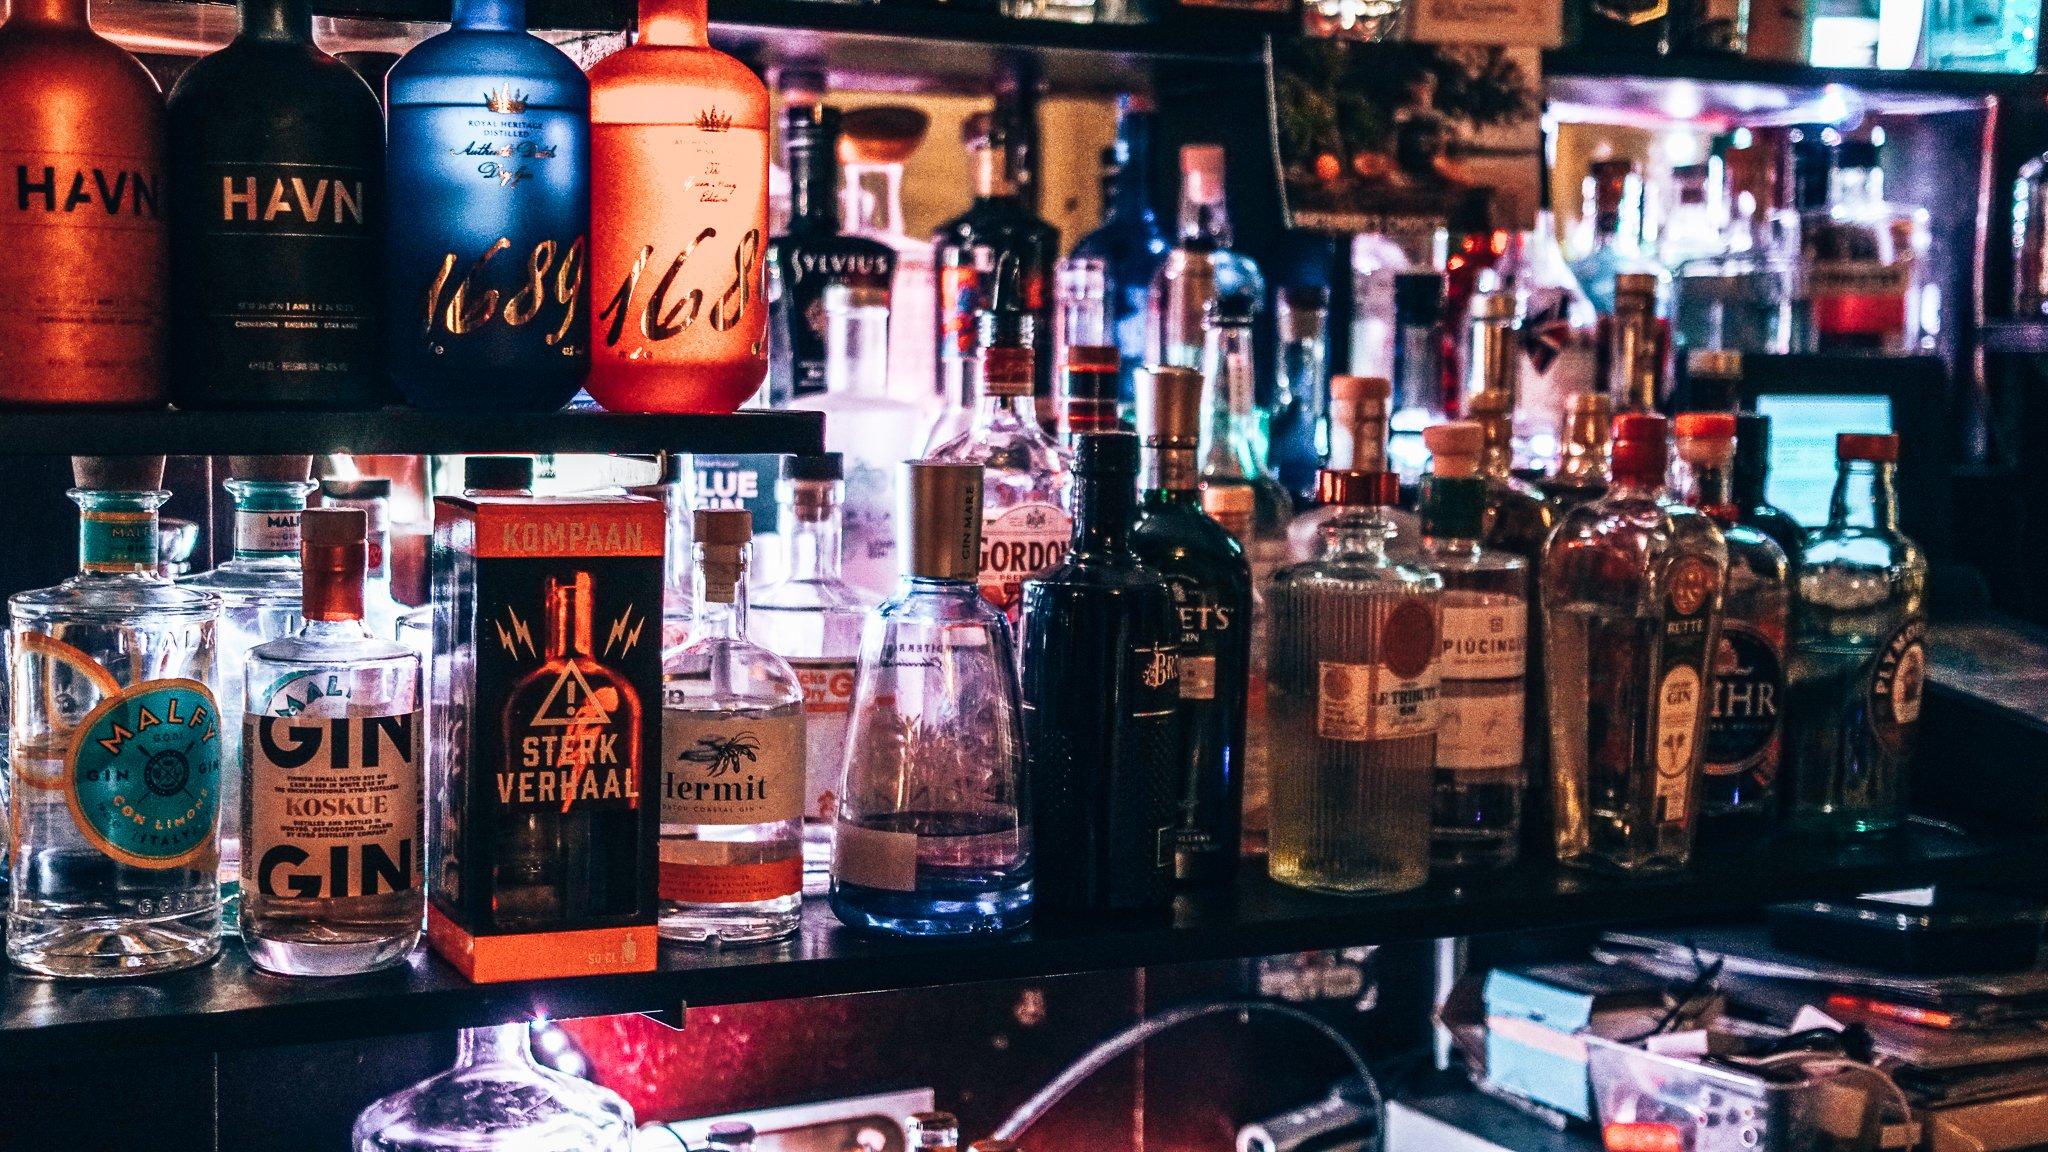 Meer dan 200 gins bij Eetcafe De Kleine Prins in Den Haag, Alles over gin.